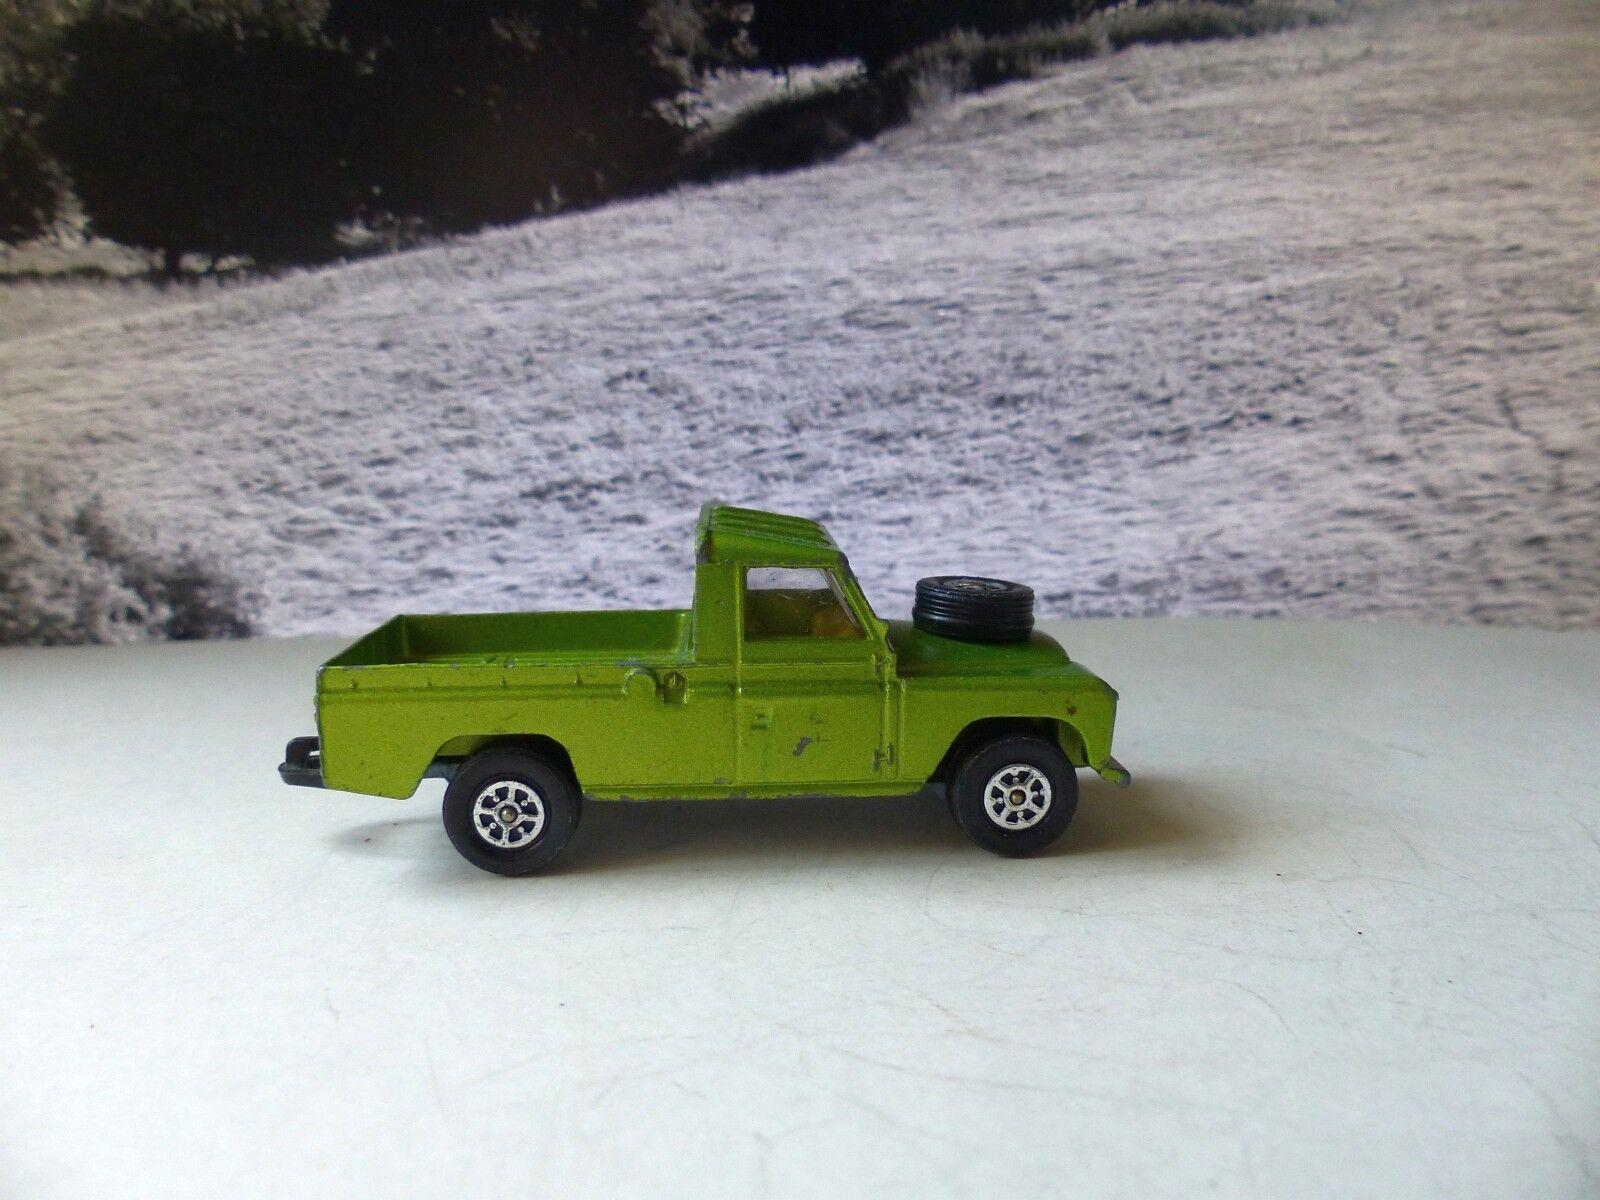 Corgi Toys 438 Whizzwheels Land Rover in metallic apple green